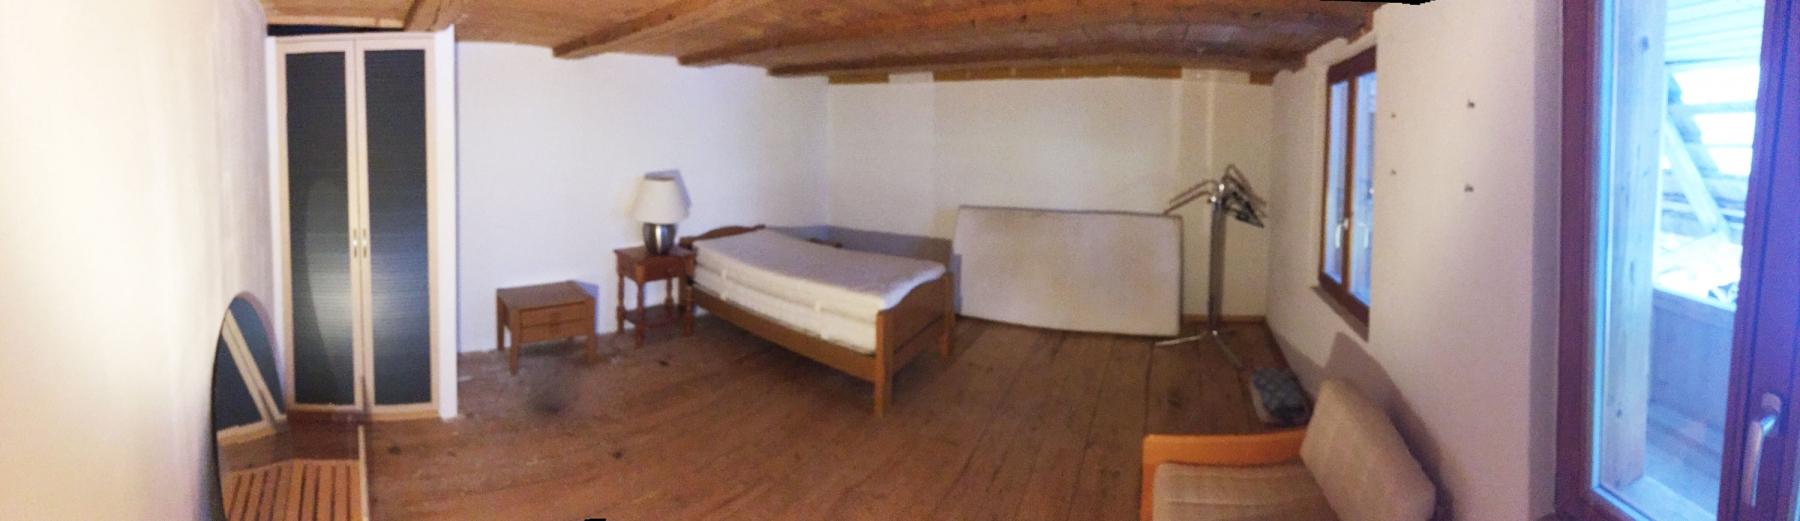 Zimmer 4-2 zur Dauermiete